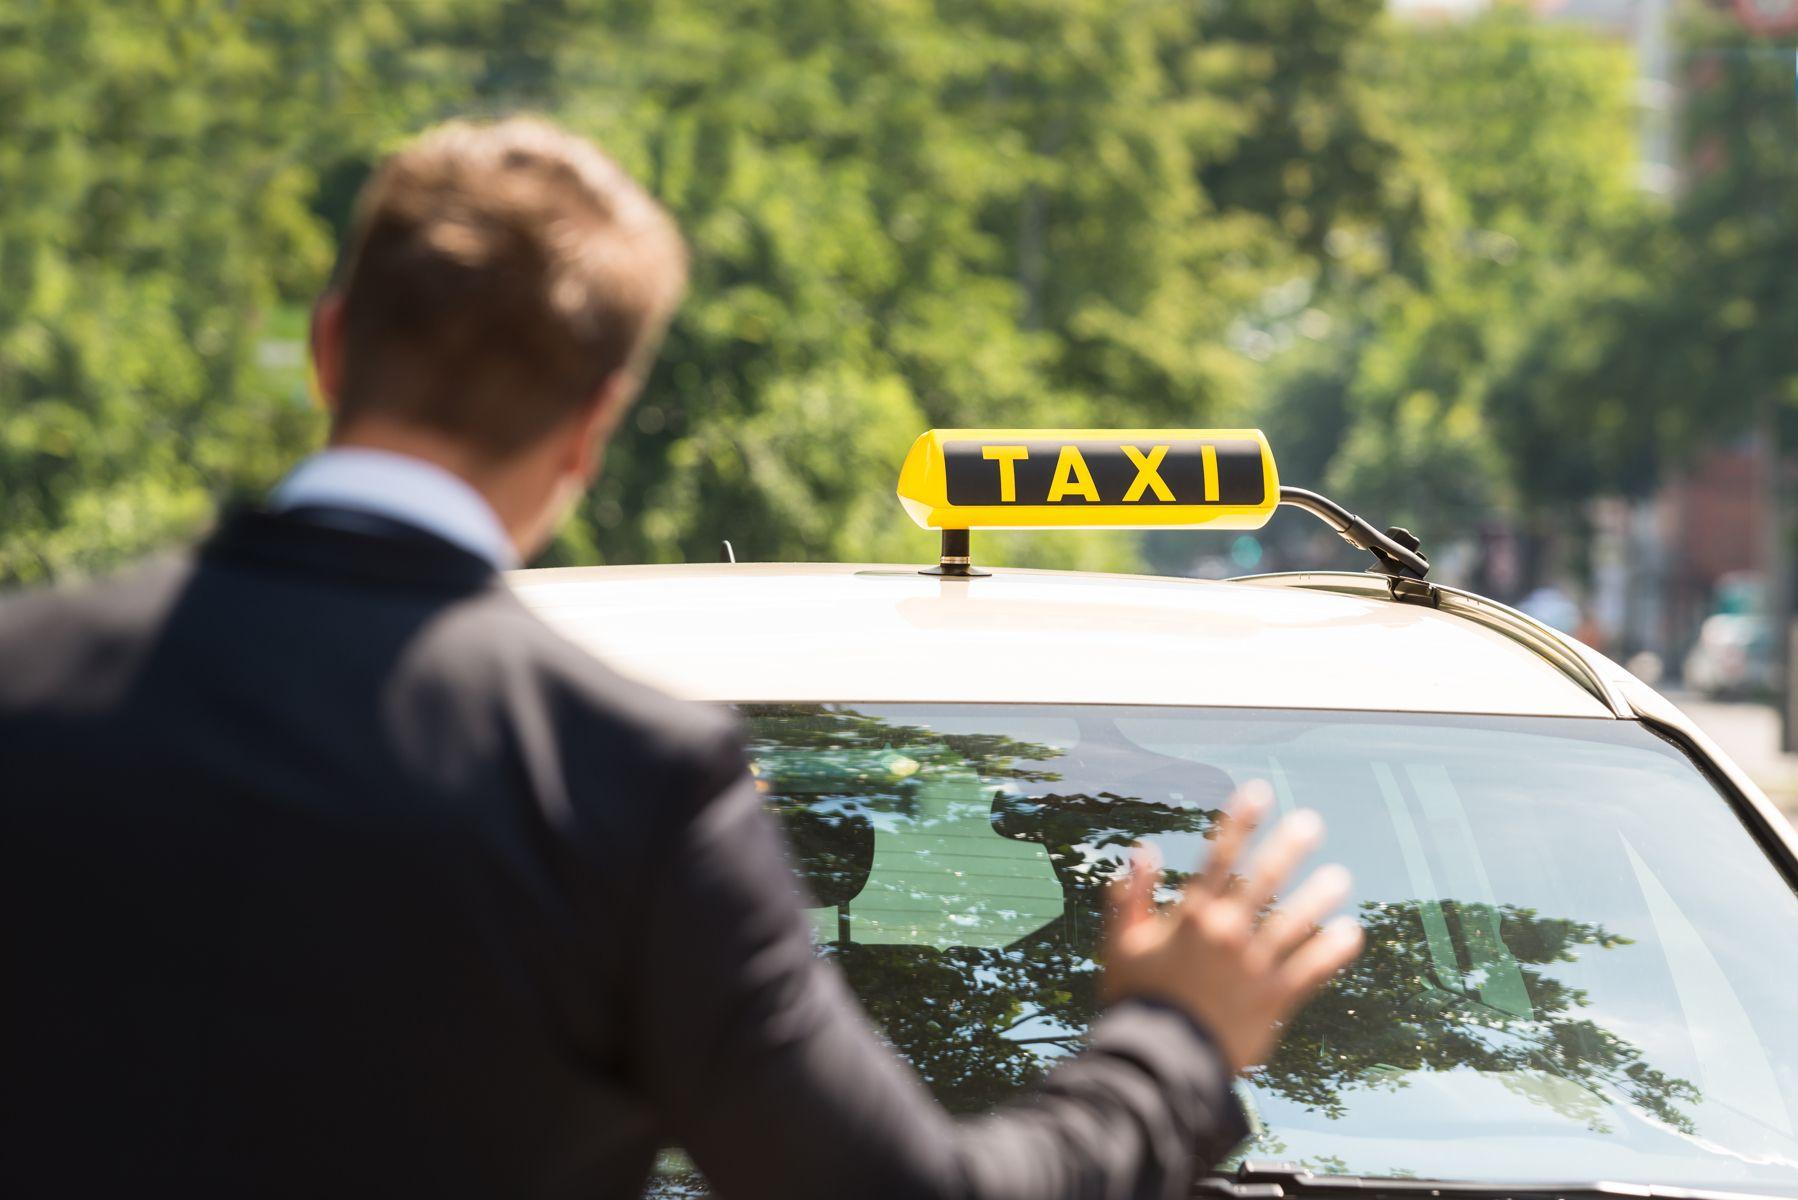 Taxi 24 horas en Palencia